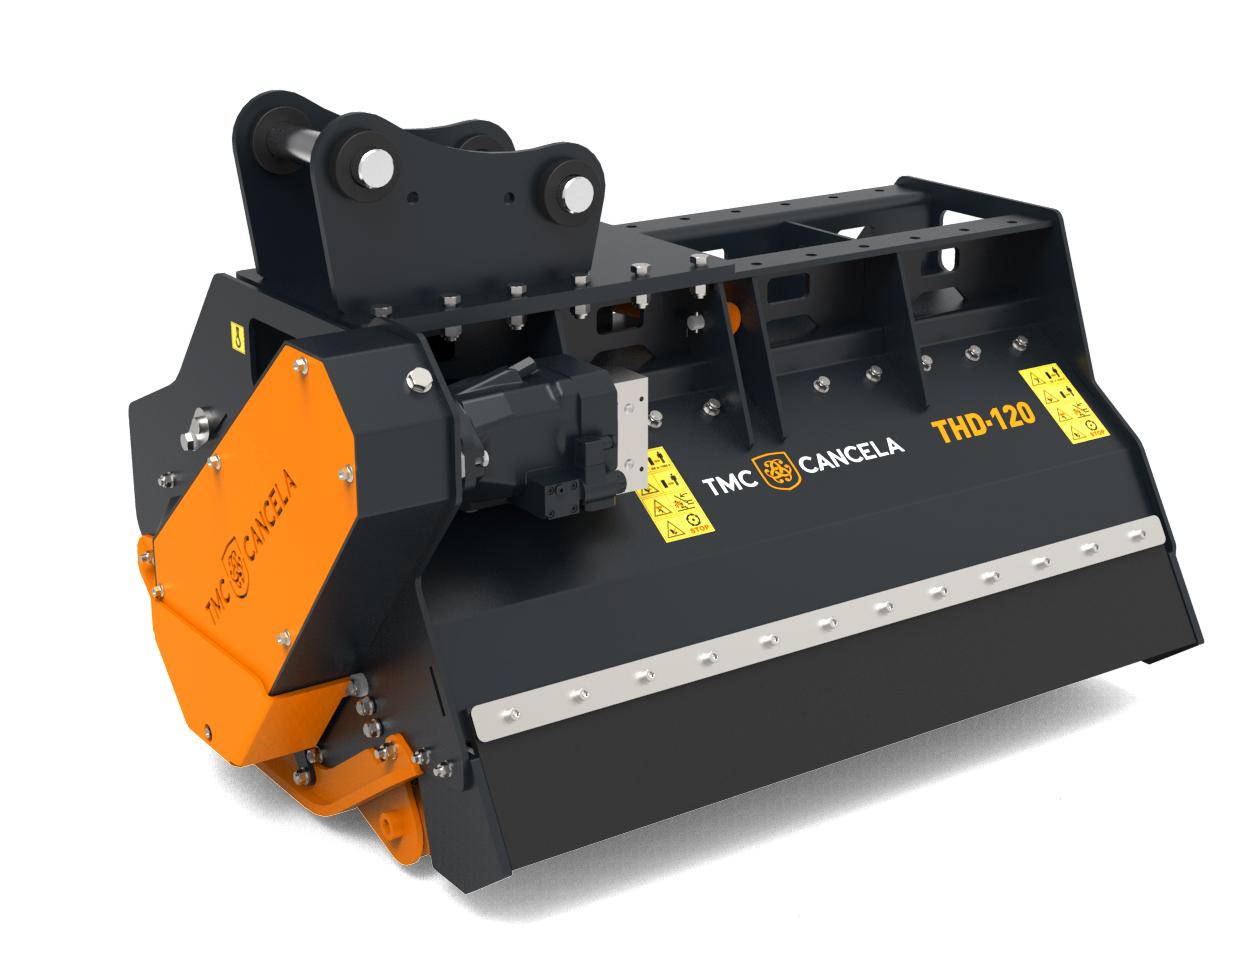 THD 2 Trinciatrice Trincia Trituradora Triturador Hidraulica